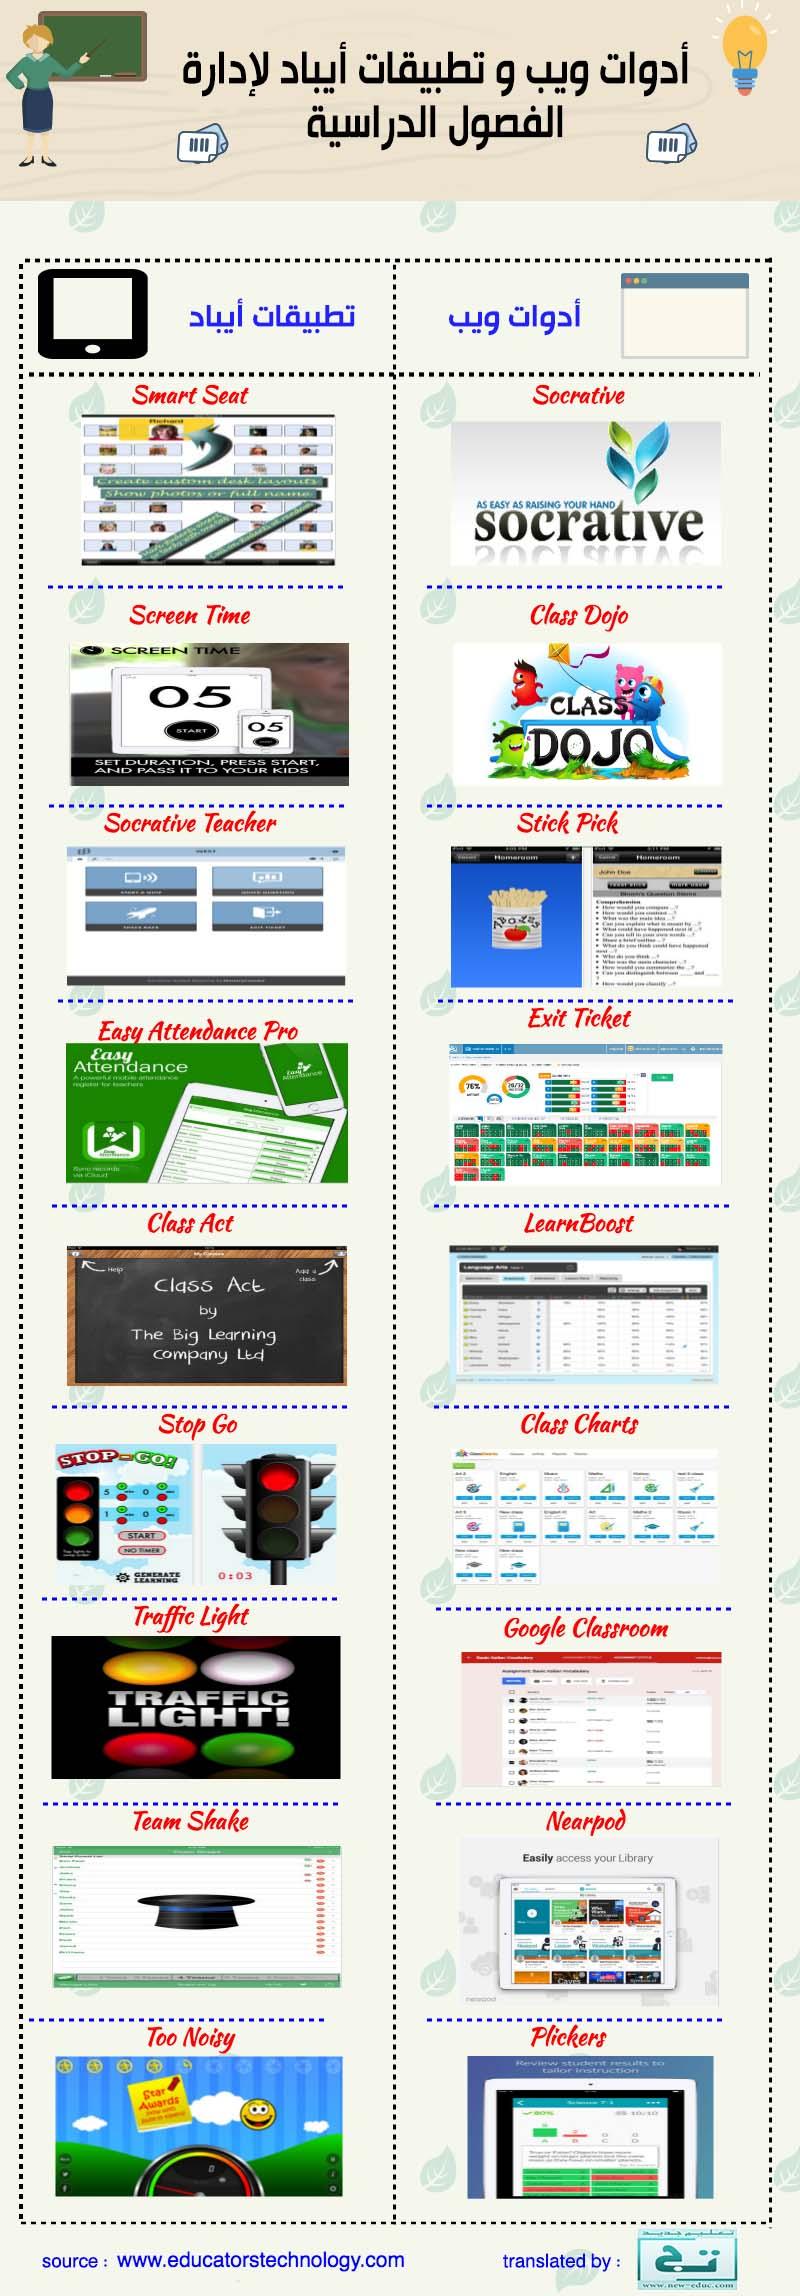 أدوات و تطبيقات إدارة الفصول الدراسية